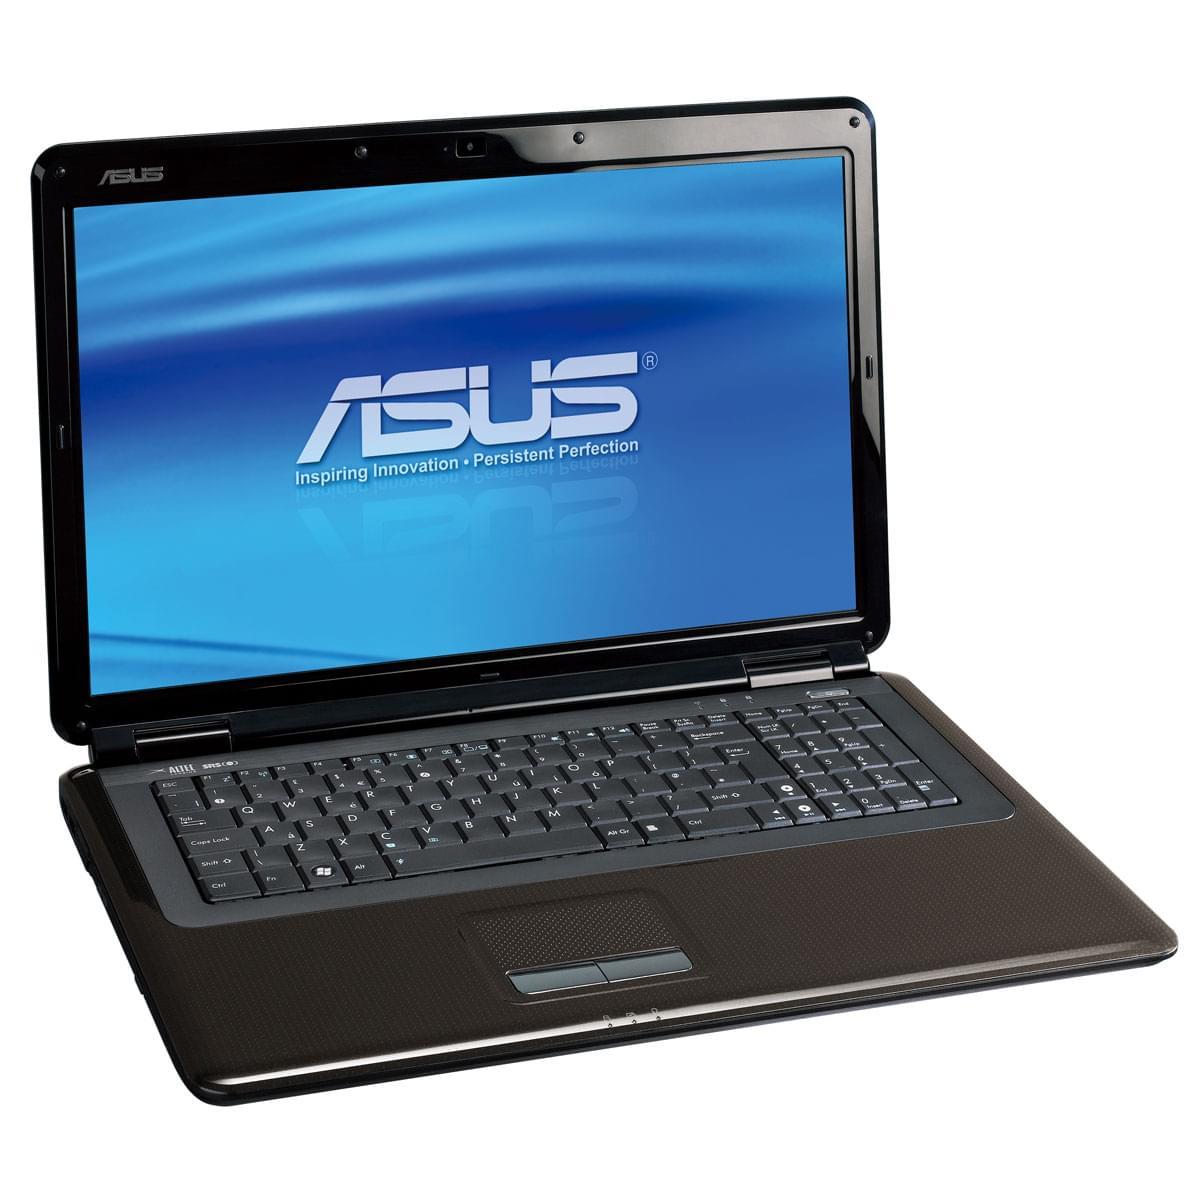 Asus K70IJ-TY178V (K70IJ-TY178V) - Achat / Vente PC Portable sur Cybertek.fr - 0